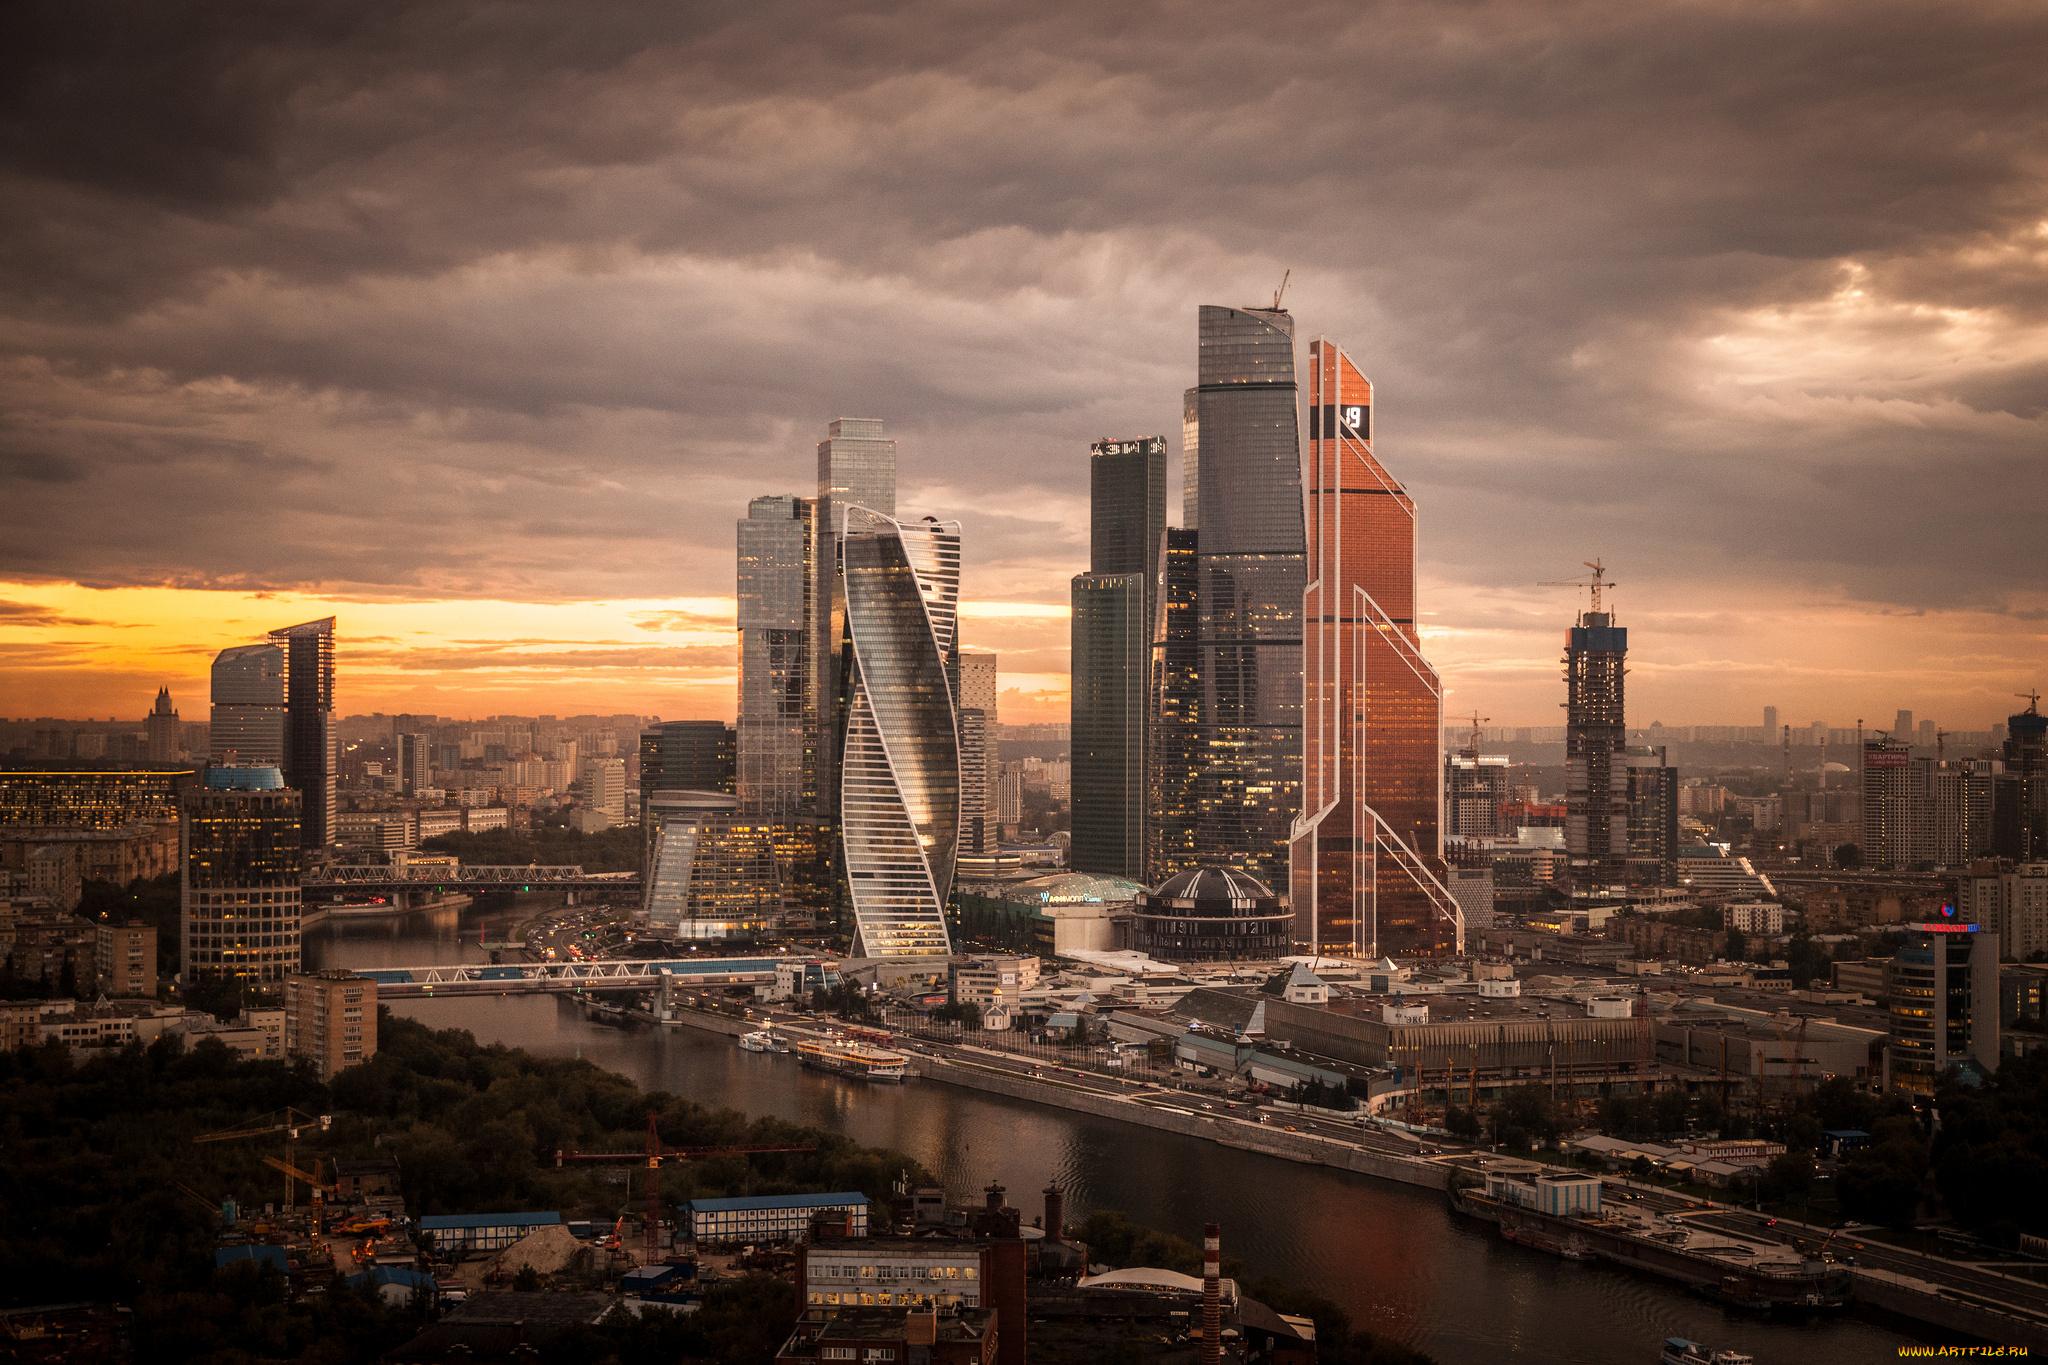 страны город архитектура ночь Москва сити Россия  № 2582911 загрузить